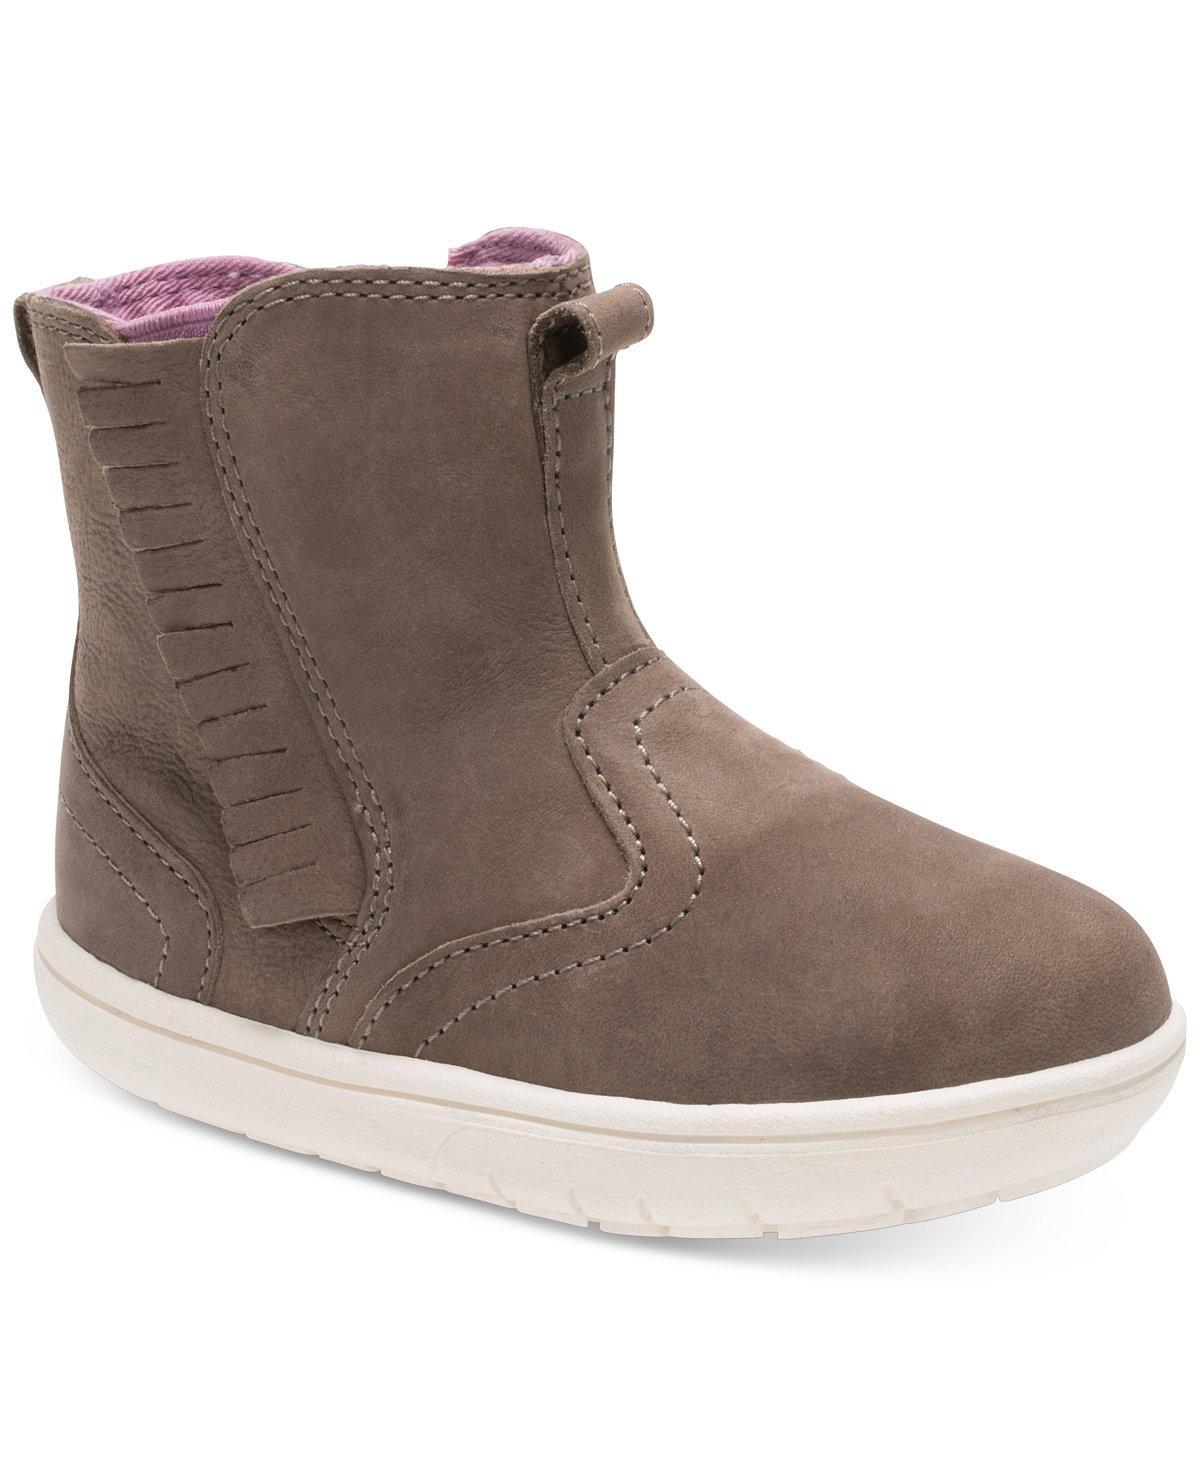 احذية اطفال بتصميمات انيقة موضة شتاء 2018 553772756.jpg